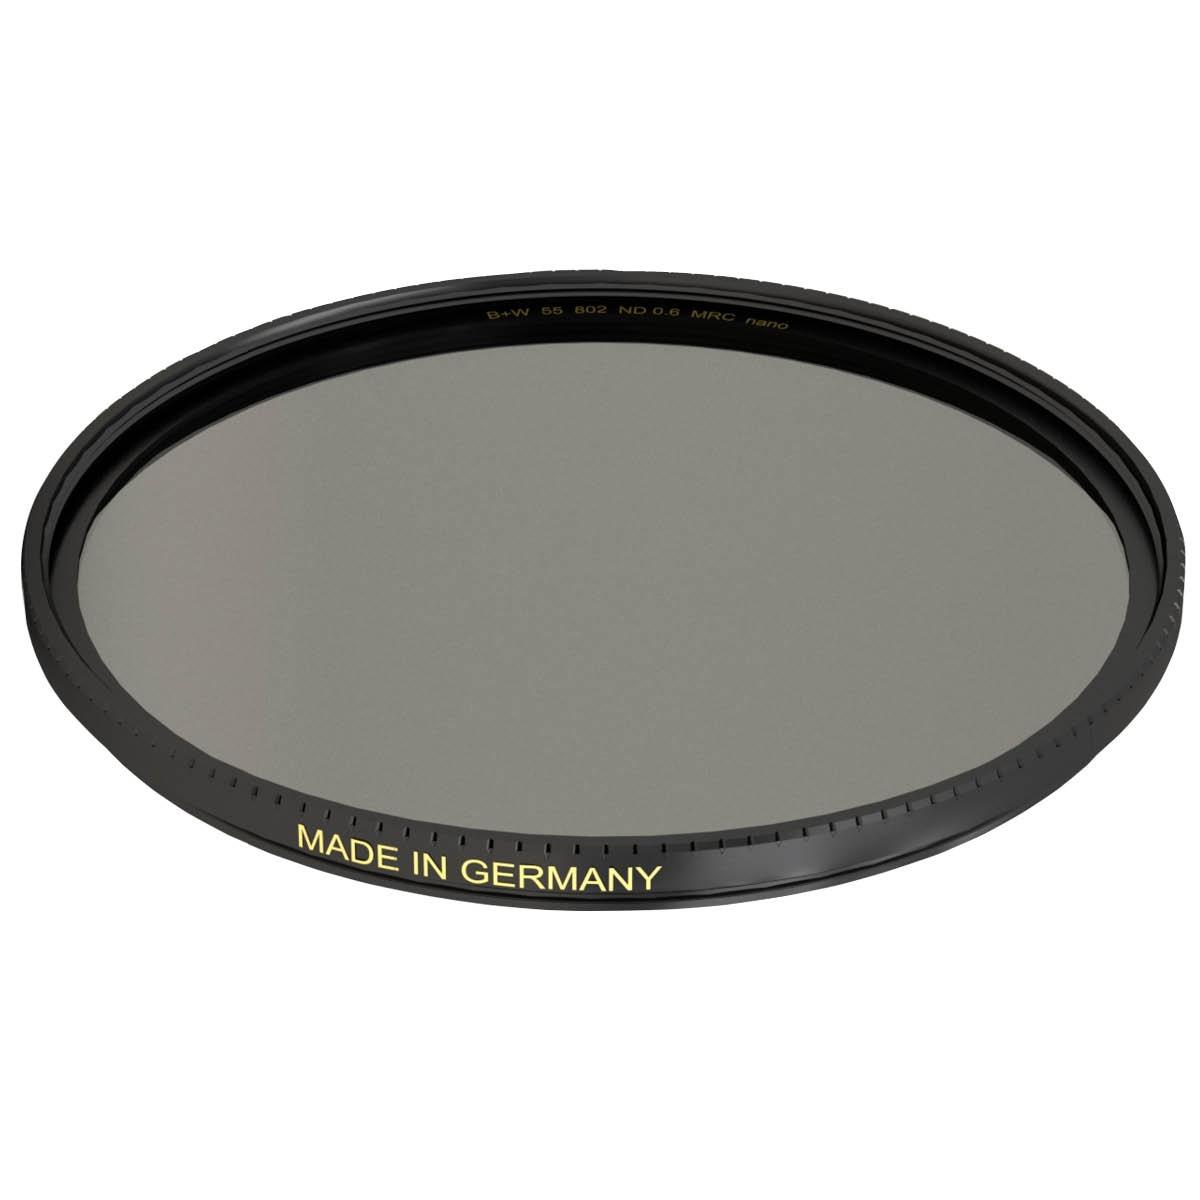 B+W Graufilter 37 mm XS-Pro +2